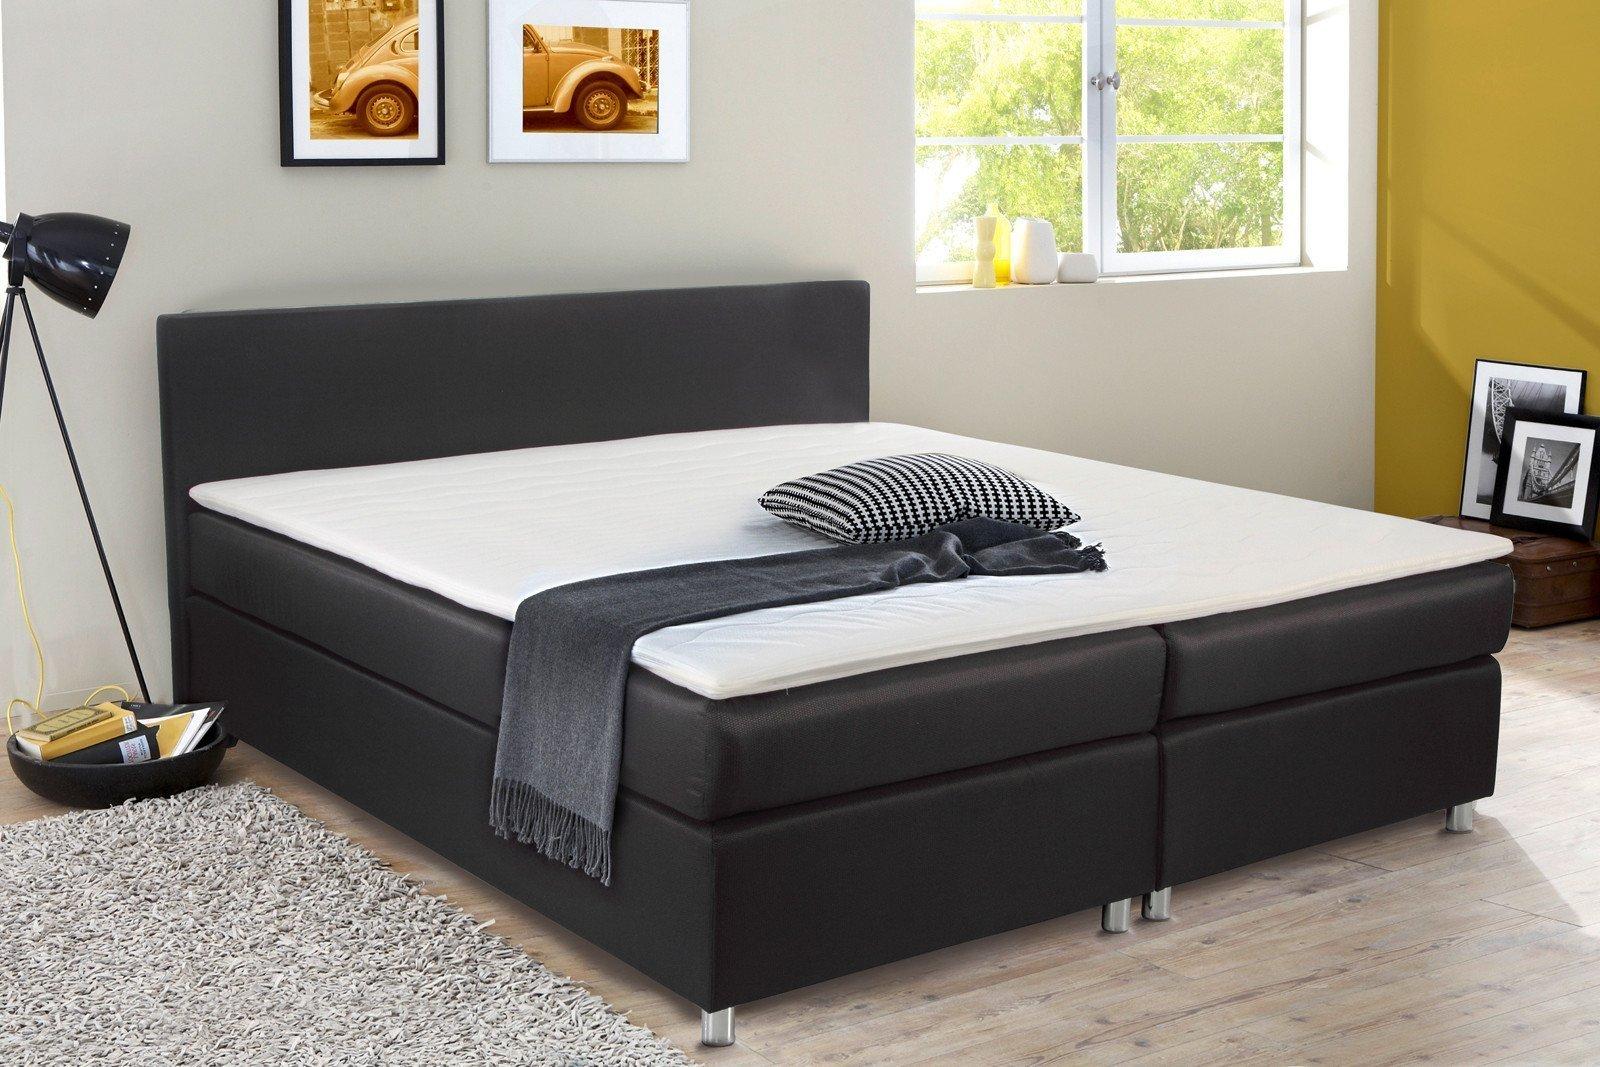 jockenh fer ascot callida boxspringbett schwarz m bel. Black Bedroom Furniture Sets. Home Design Ideas